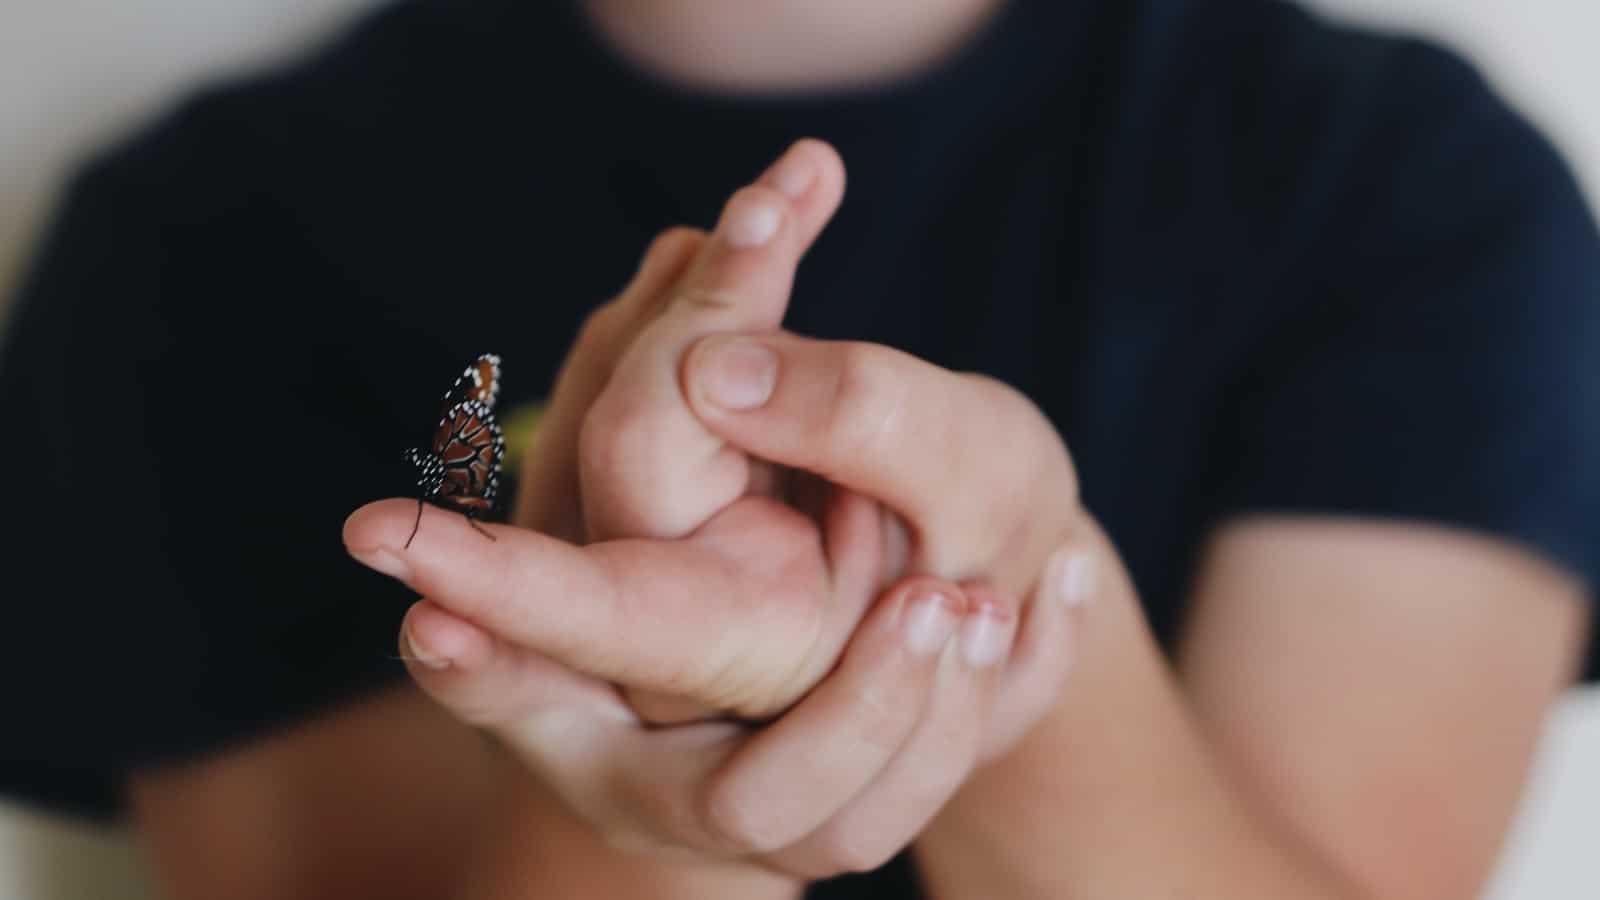 Fingernägel kauen- Diese 5 Tipps helfen gegen Nägelkauen!